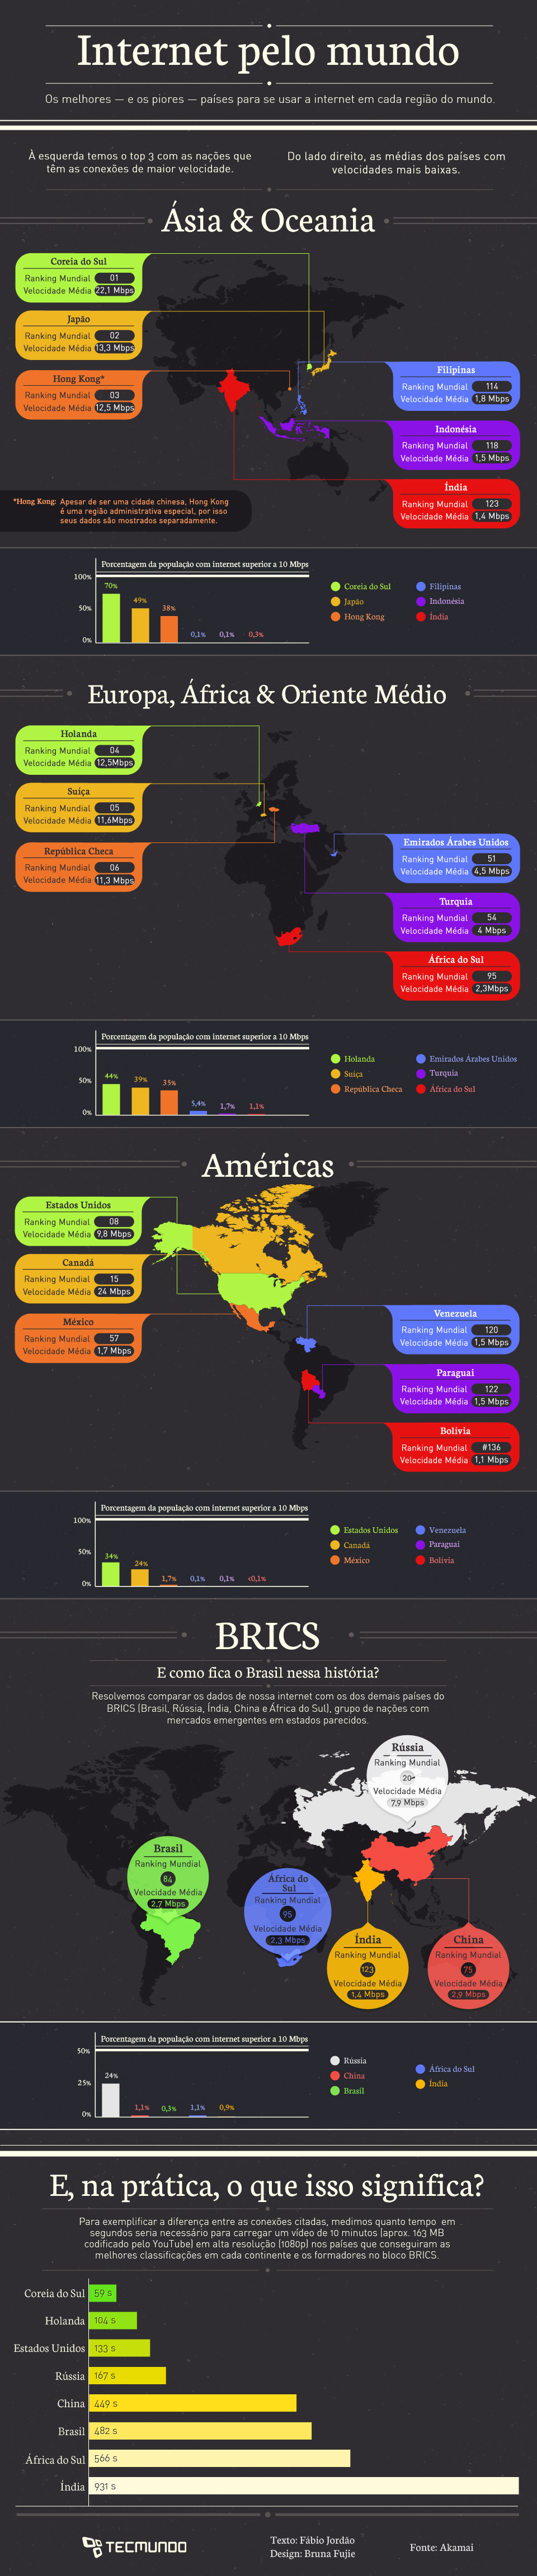 Internet: como estão as velocidades nos principais países [infográfico]